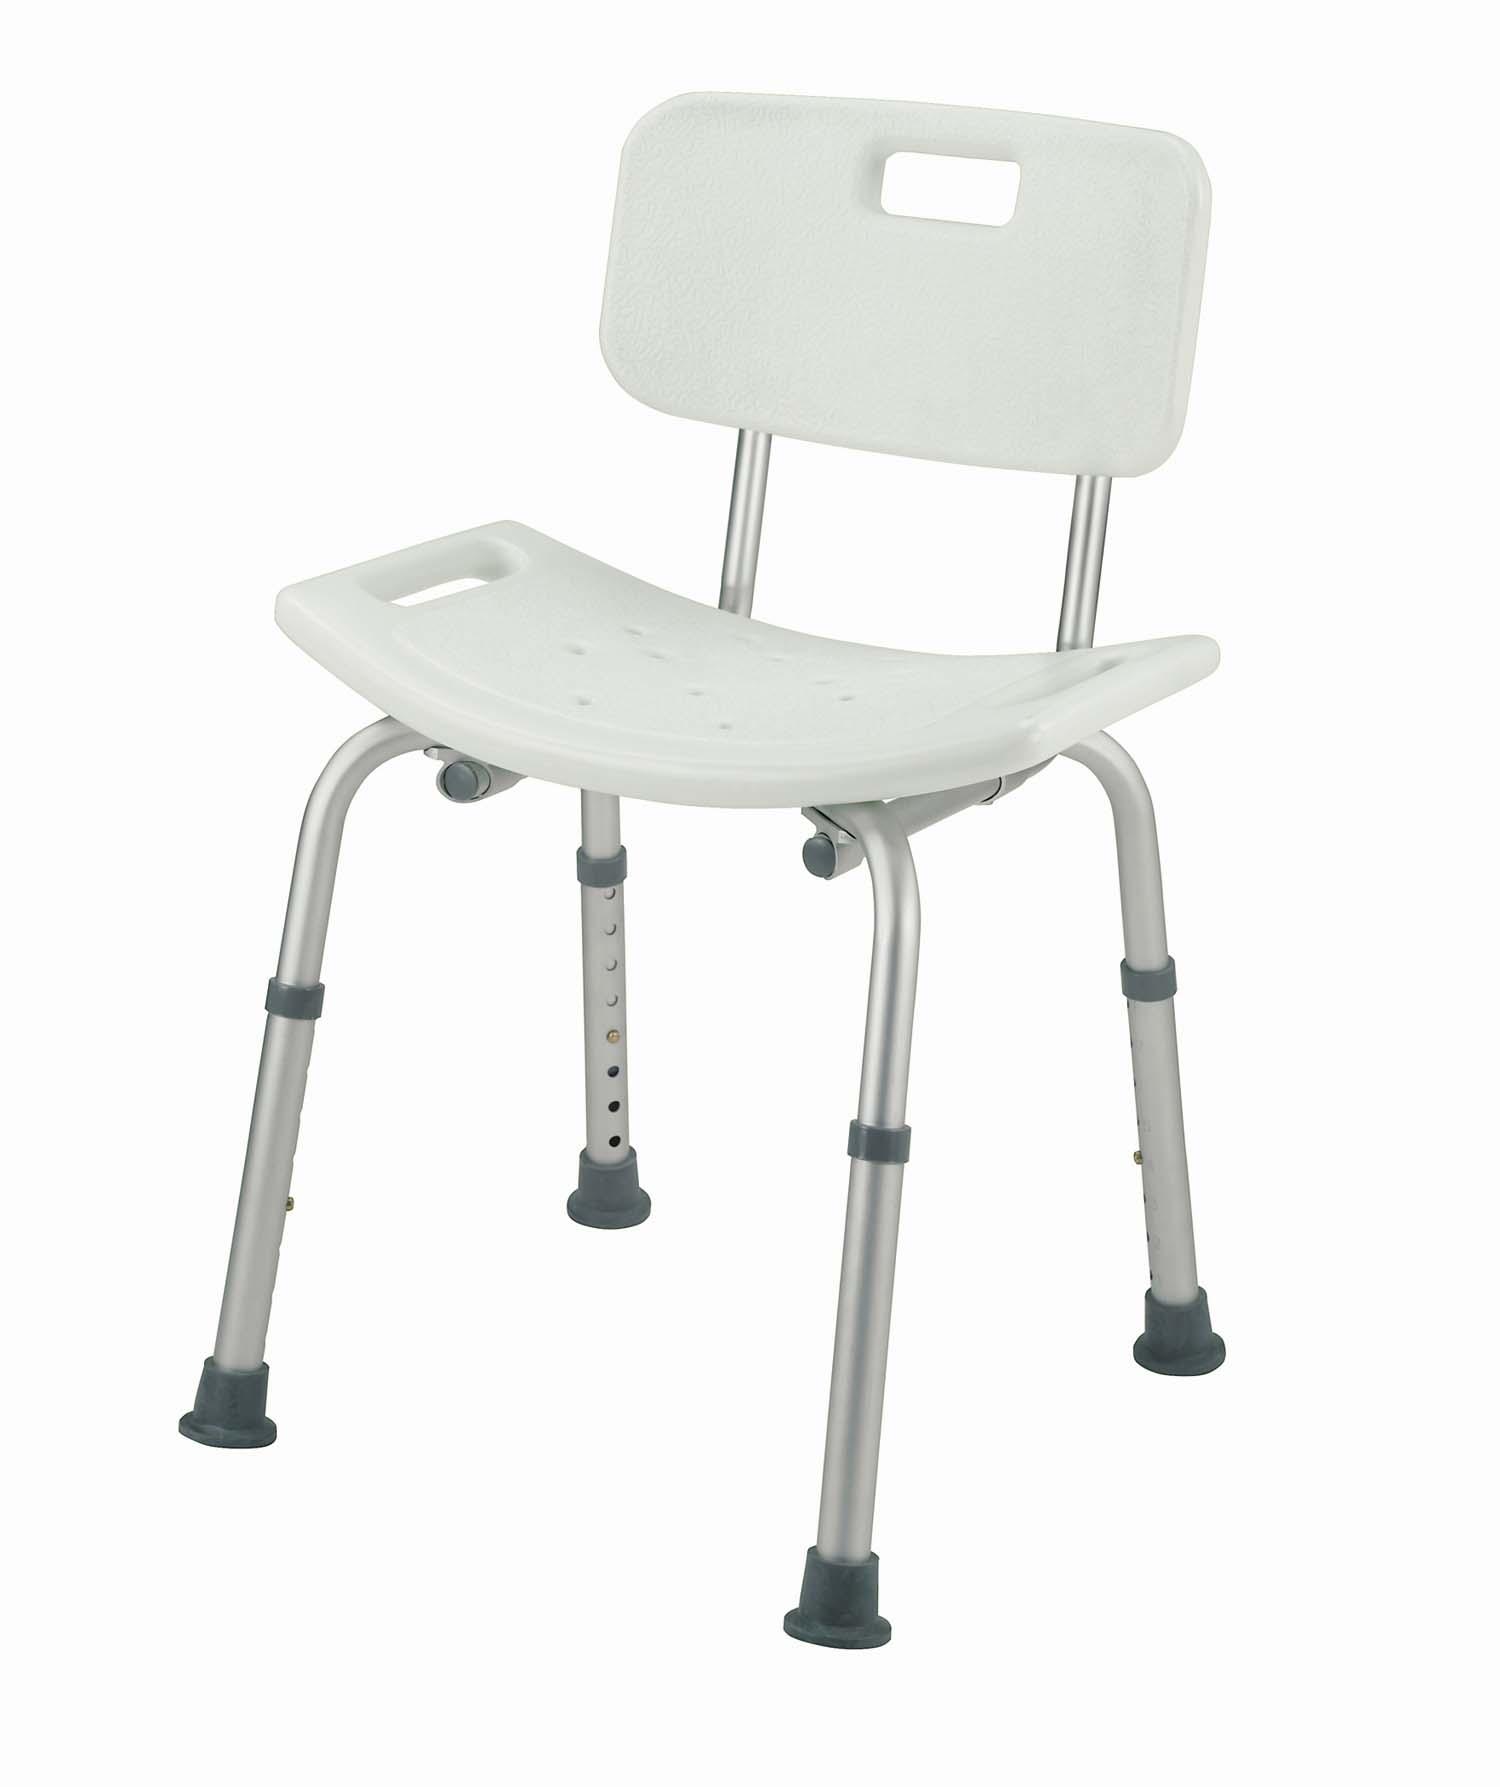 bath-seat-with-backrest-4-carton-522-2716-1900-lr.jpg